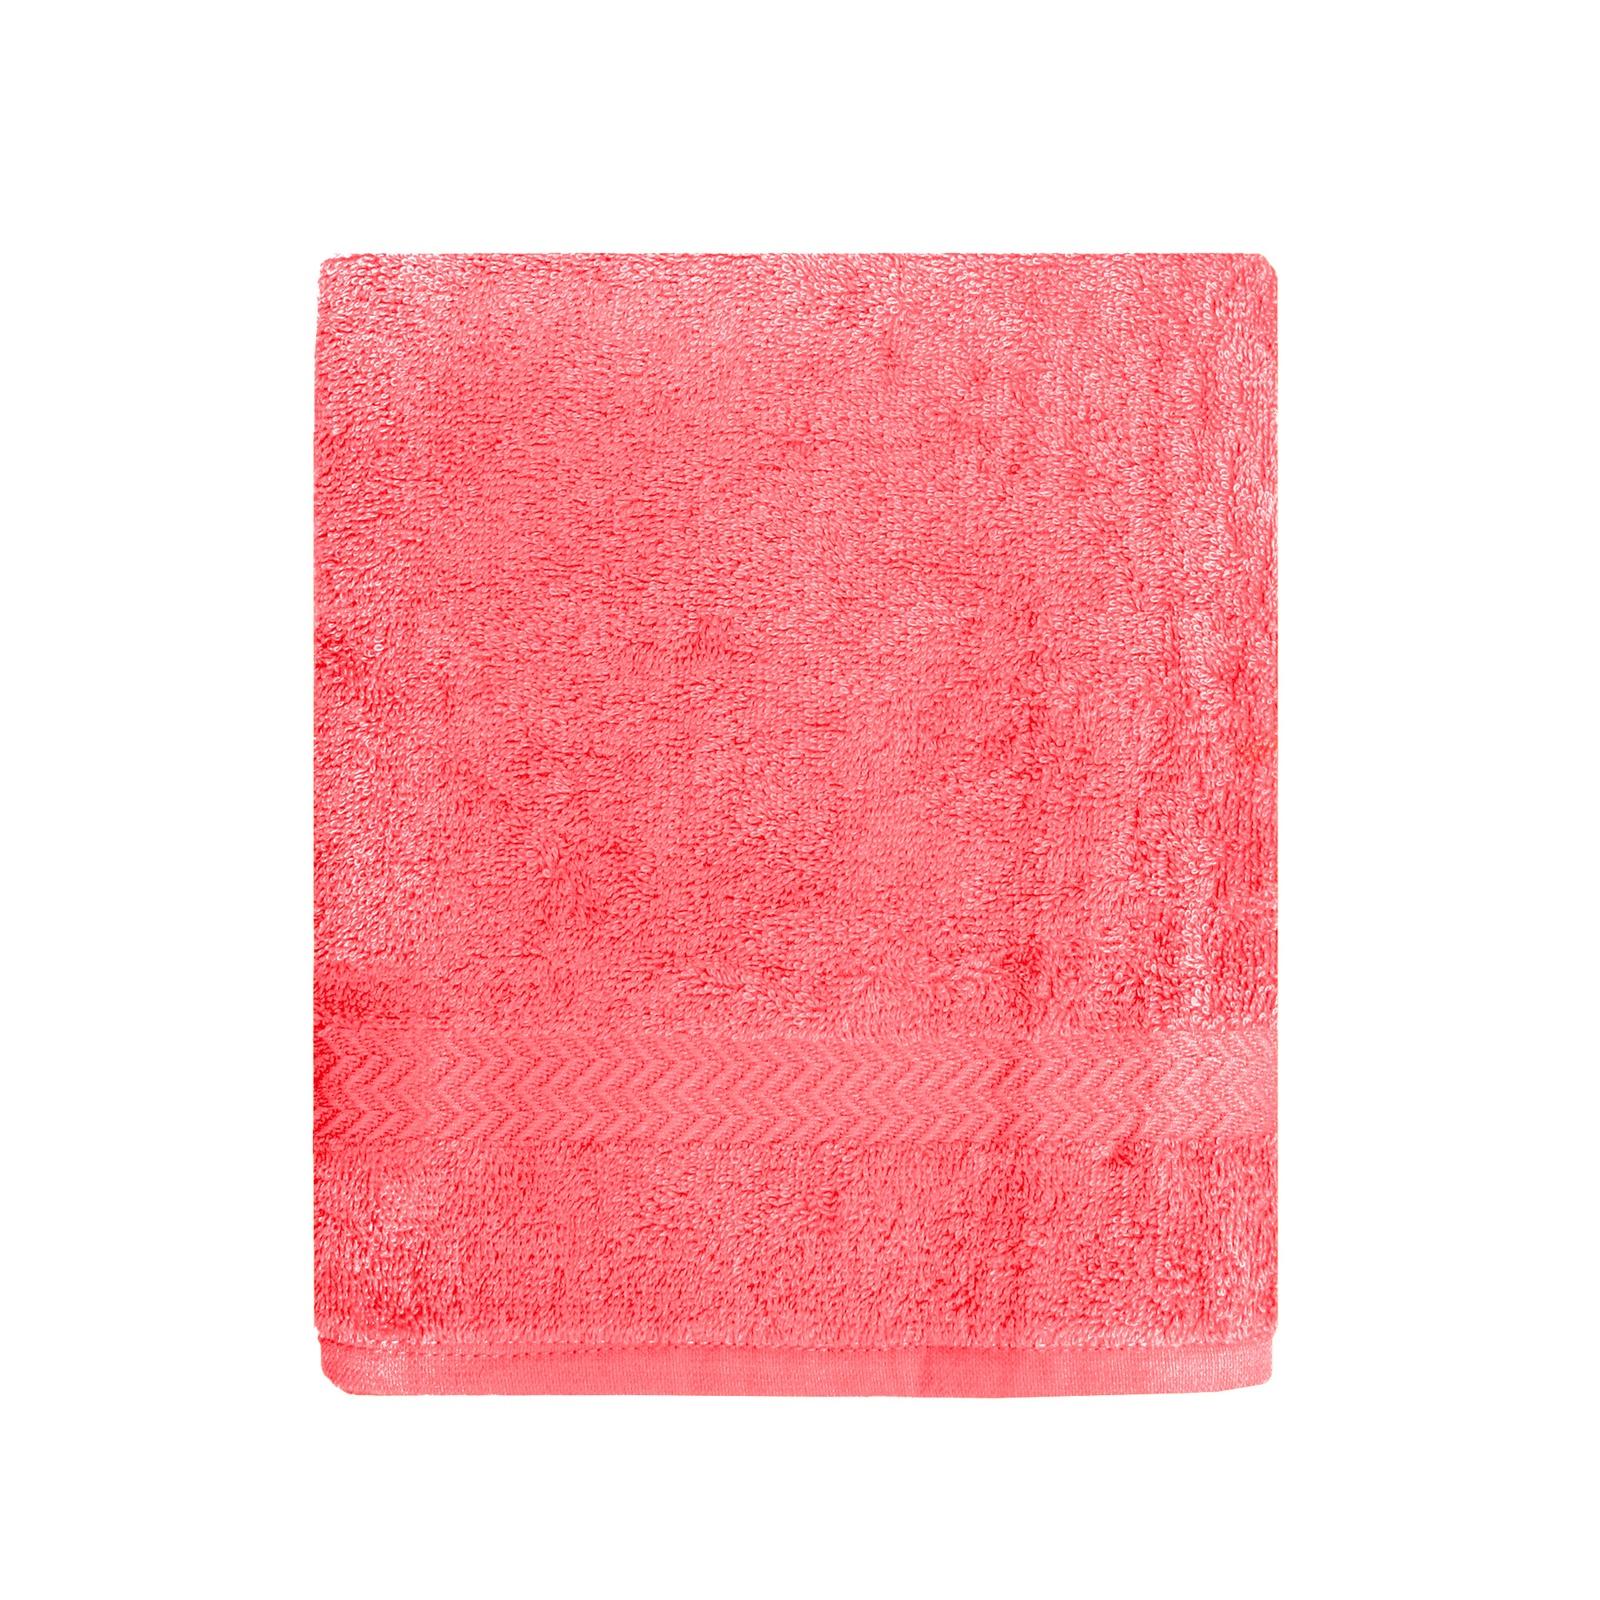 цена на Полотенце банное Bonita Classic, 21011215140, розовый, 70 х 140 см